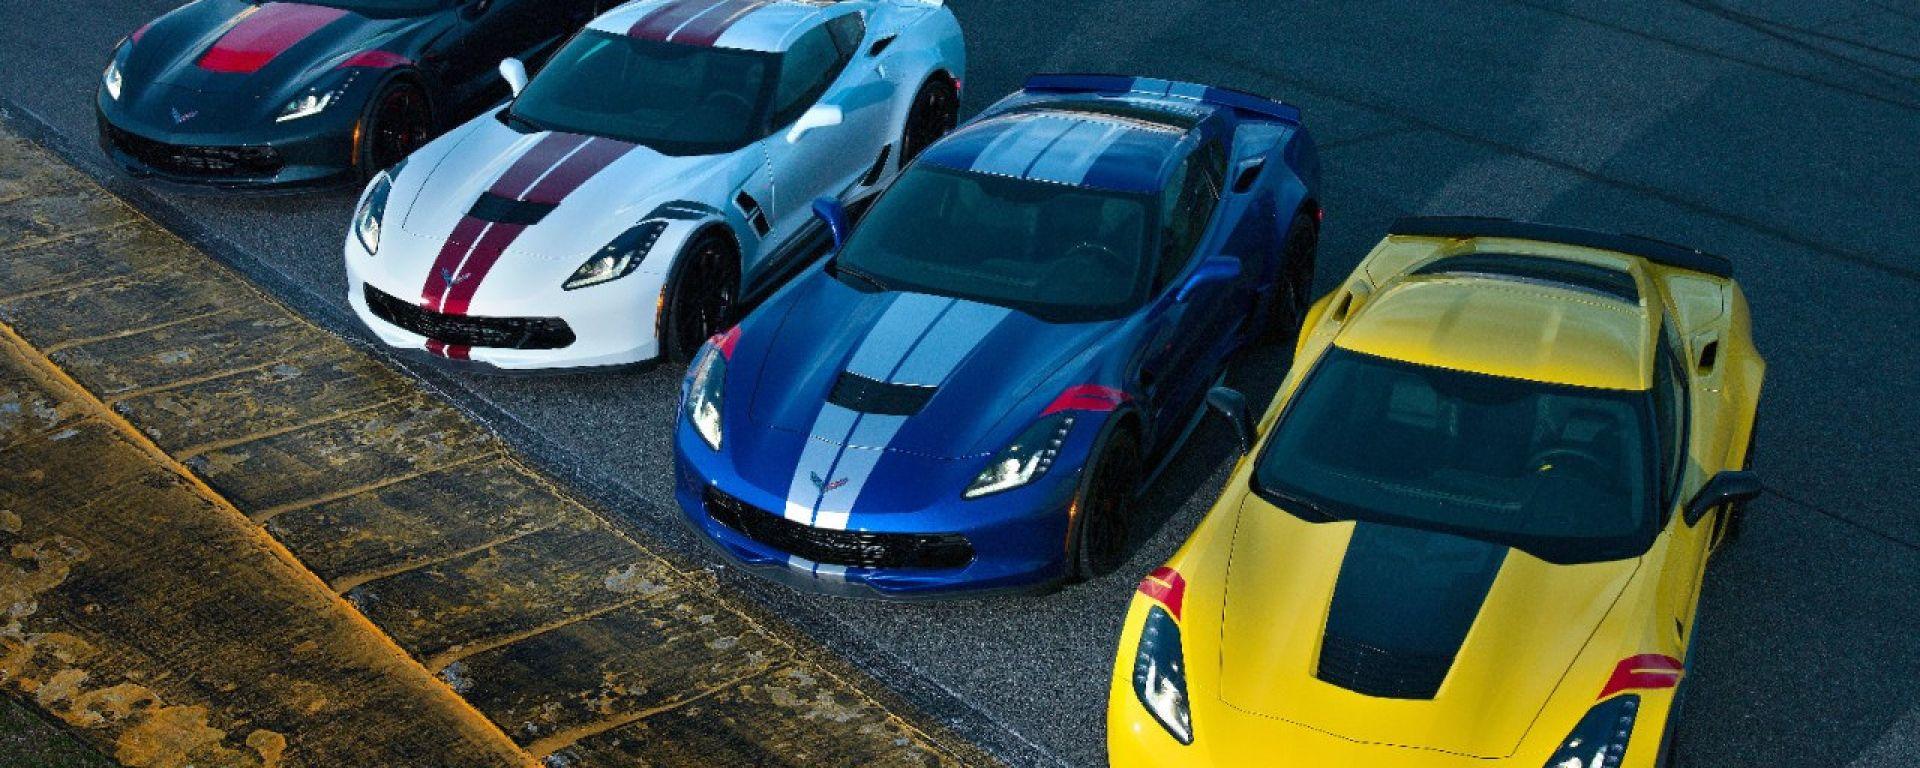 Chevrolet Corvette 2019: arrivavano 4 serie speciali